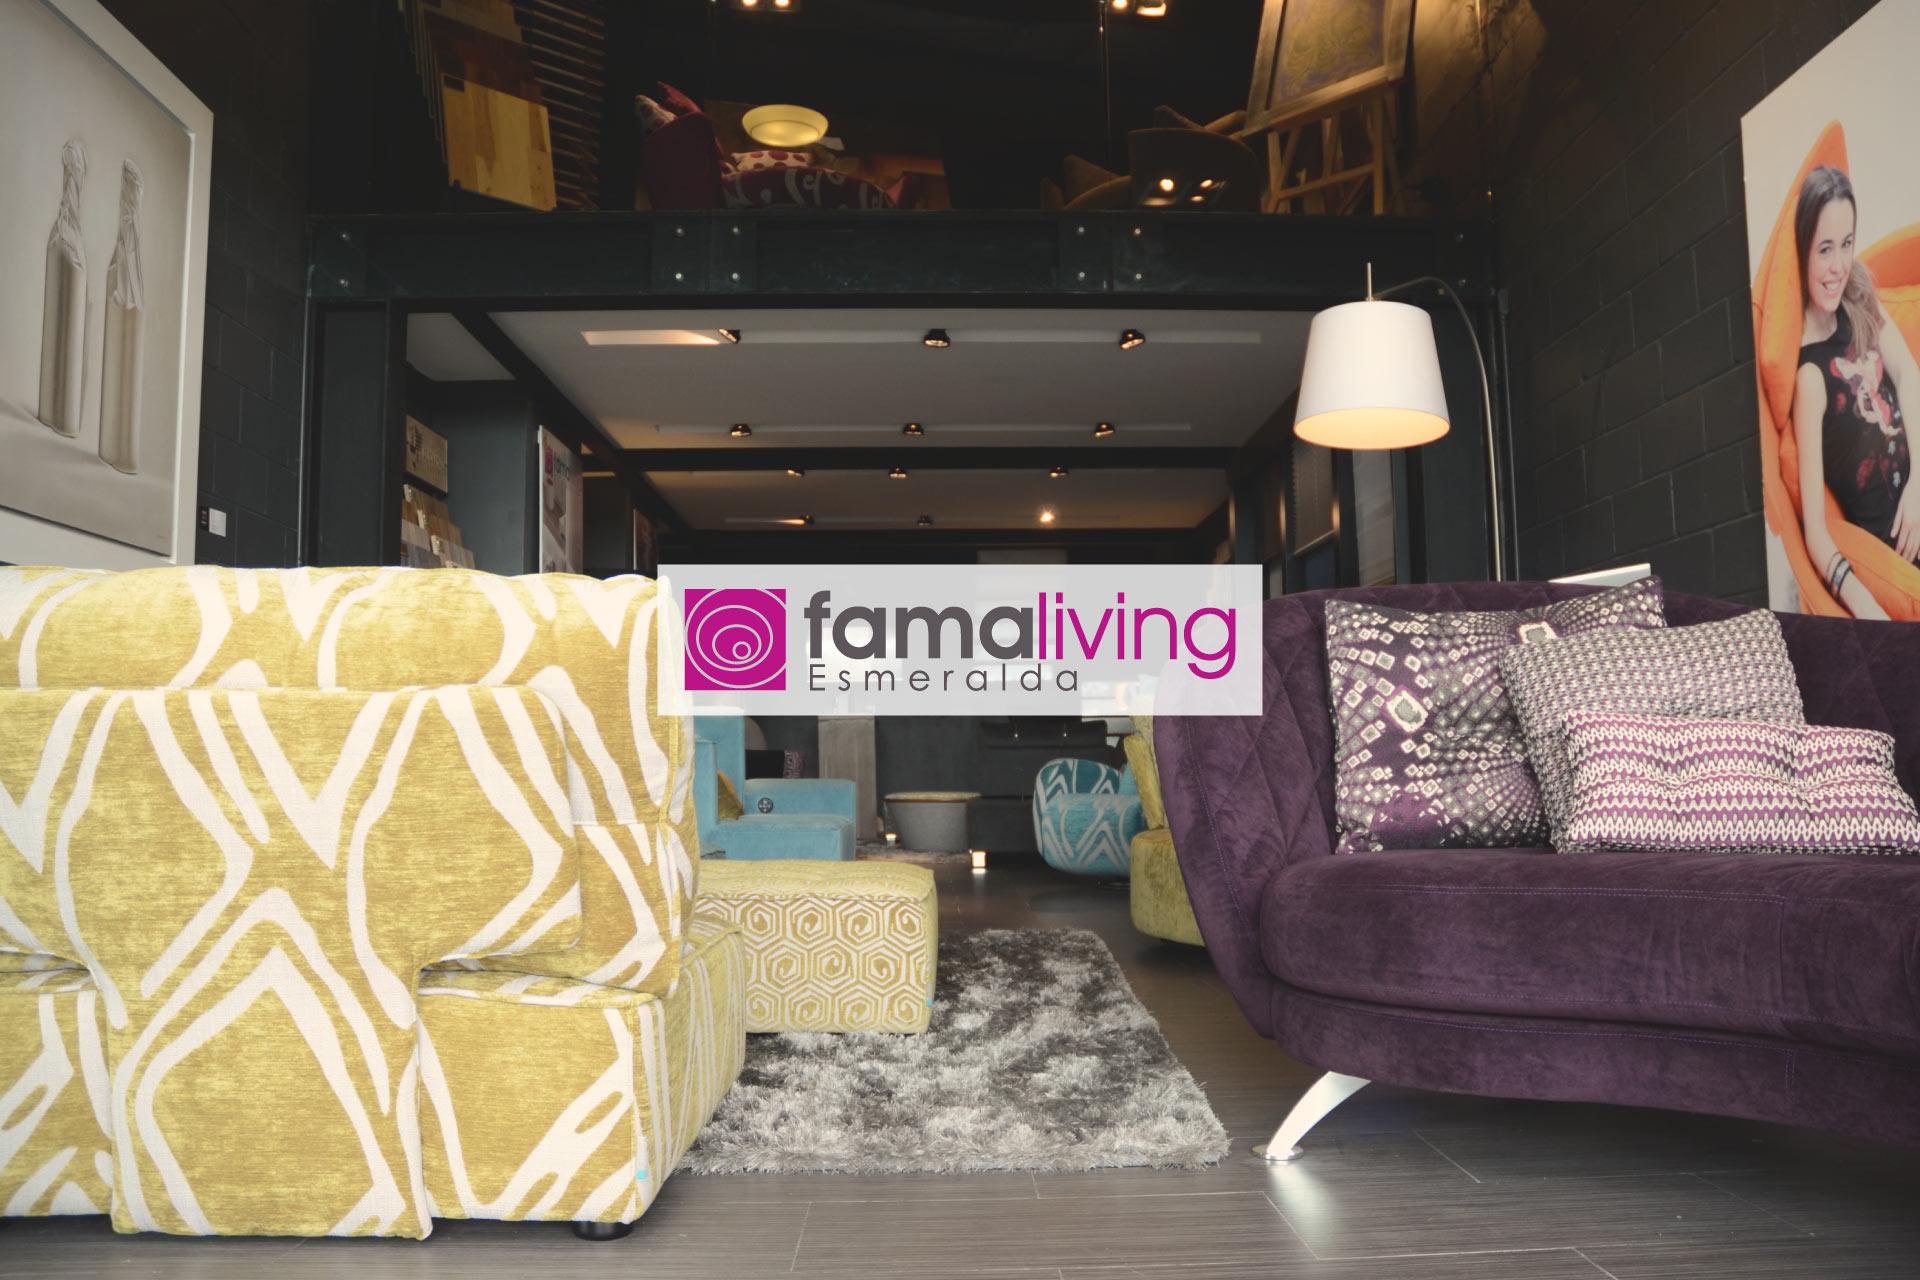 Famaliving Esmeralda - Tienda de sofás